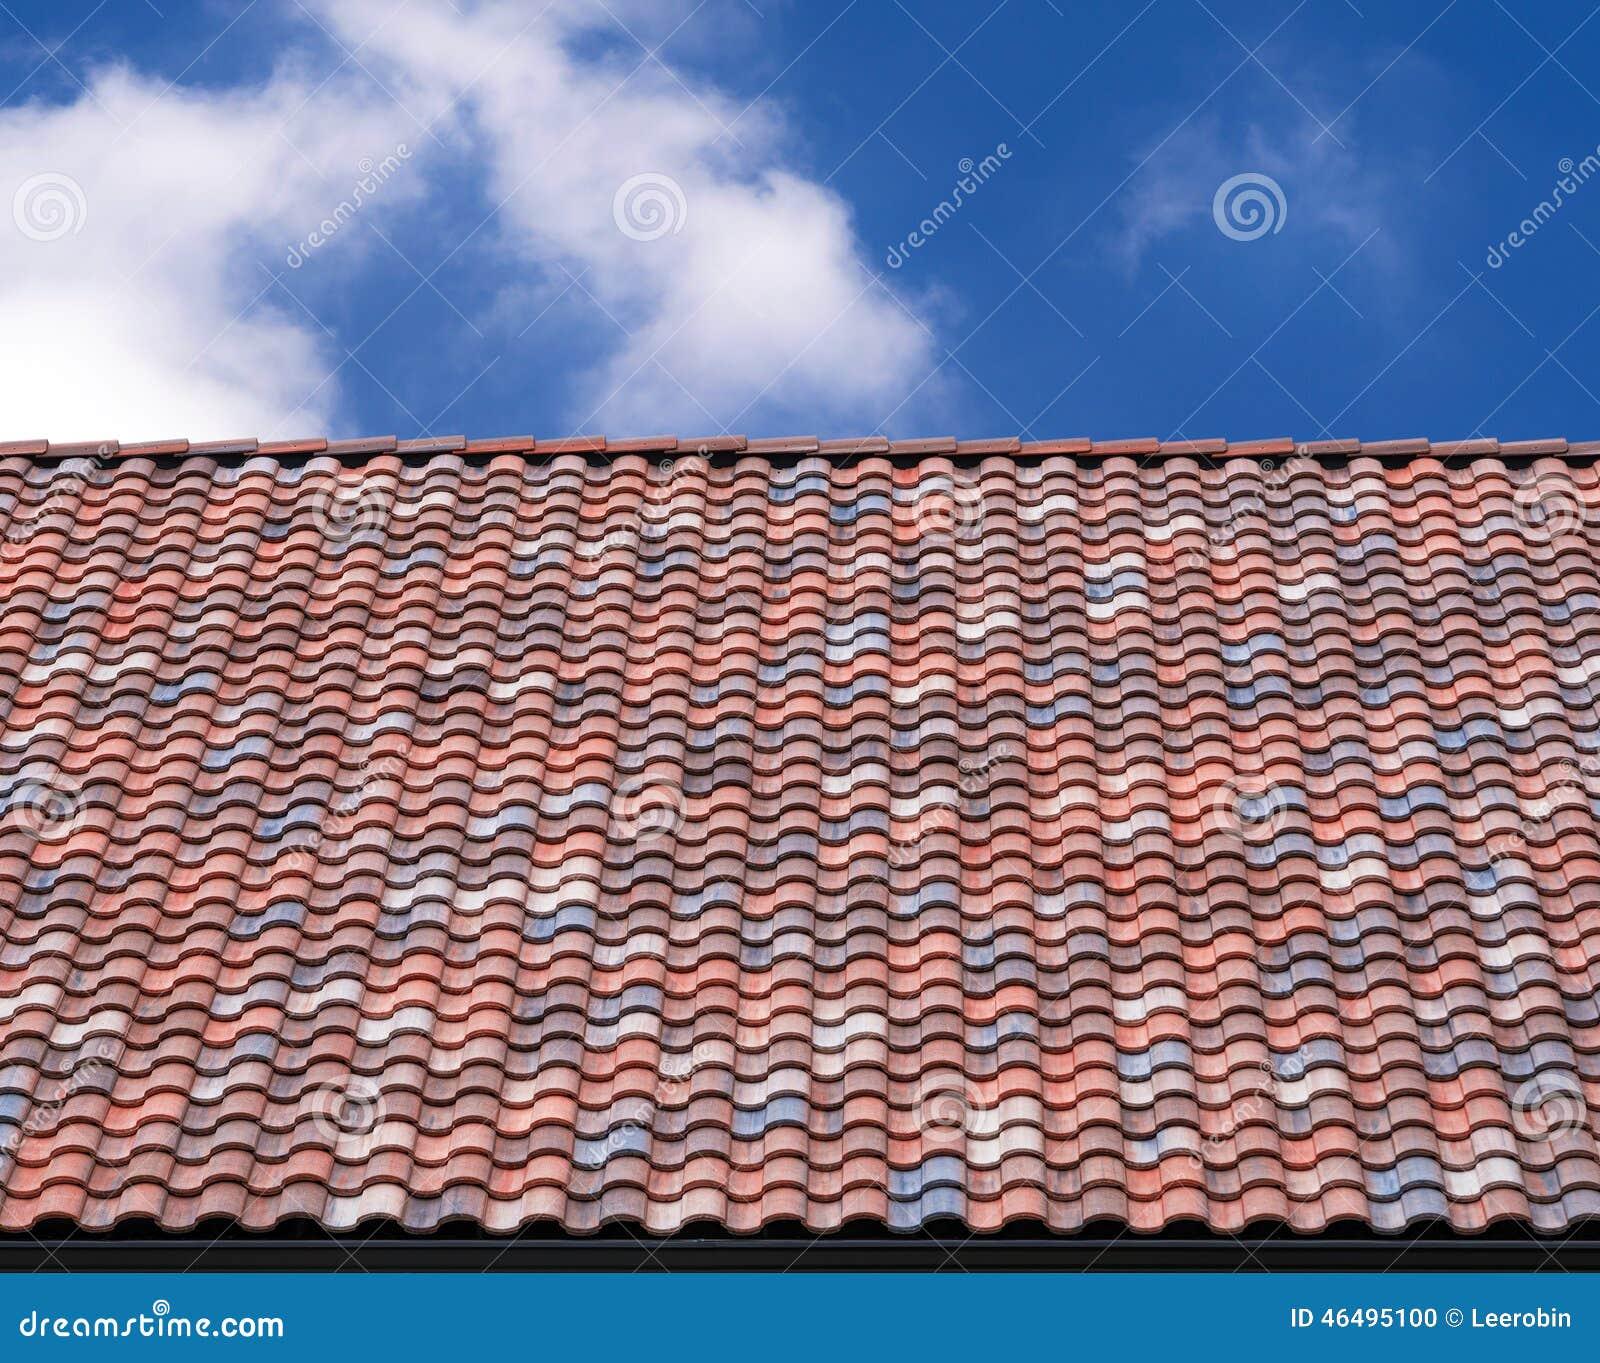 Fond multicolore de tuile de toit stock photos 110 images for Prix tuile fond plat